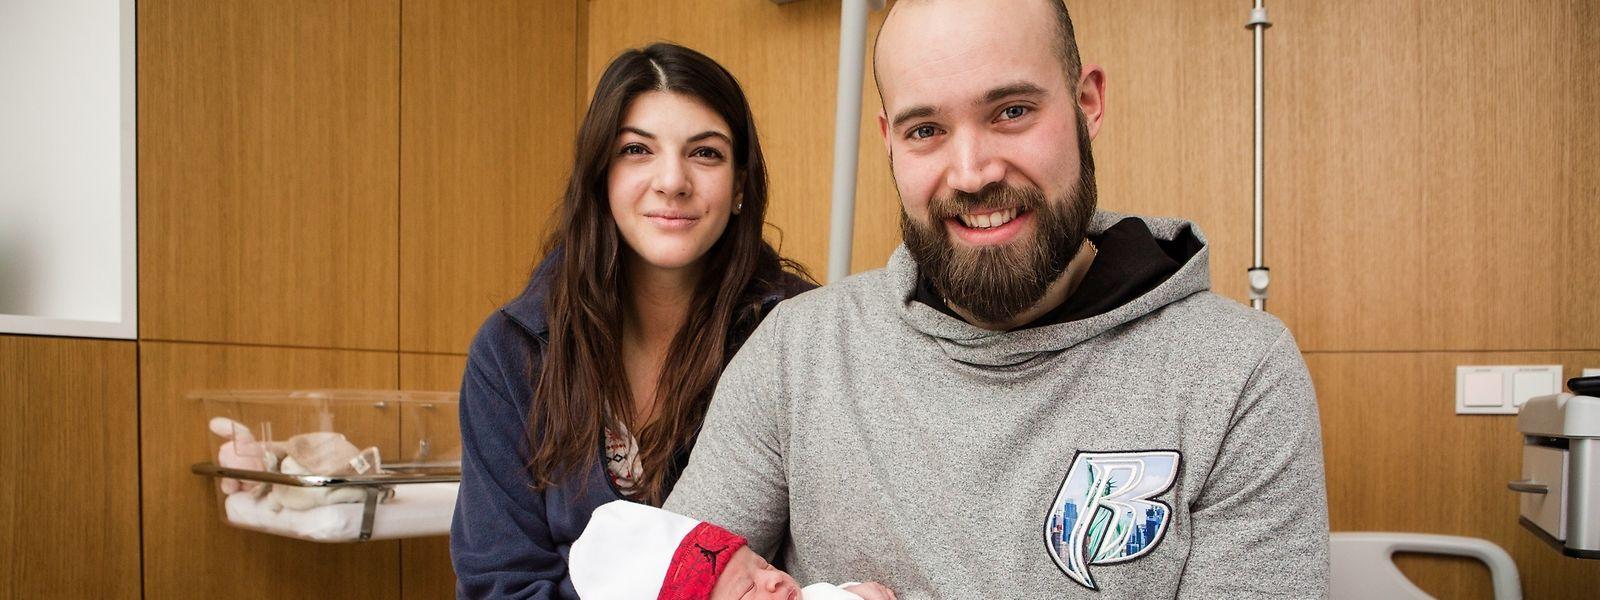 Alle wohlauf: Maira Adrovic Fernandes mit ihren Eltern Jessica und Sead aus Bonneweg.-   Photo : Pierre Matgé